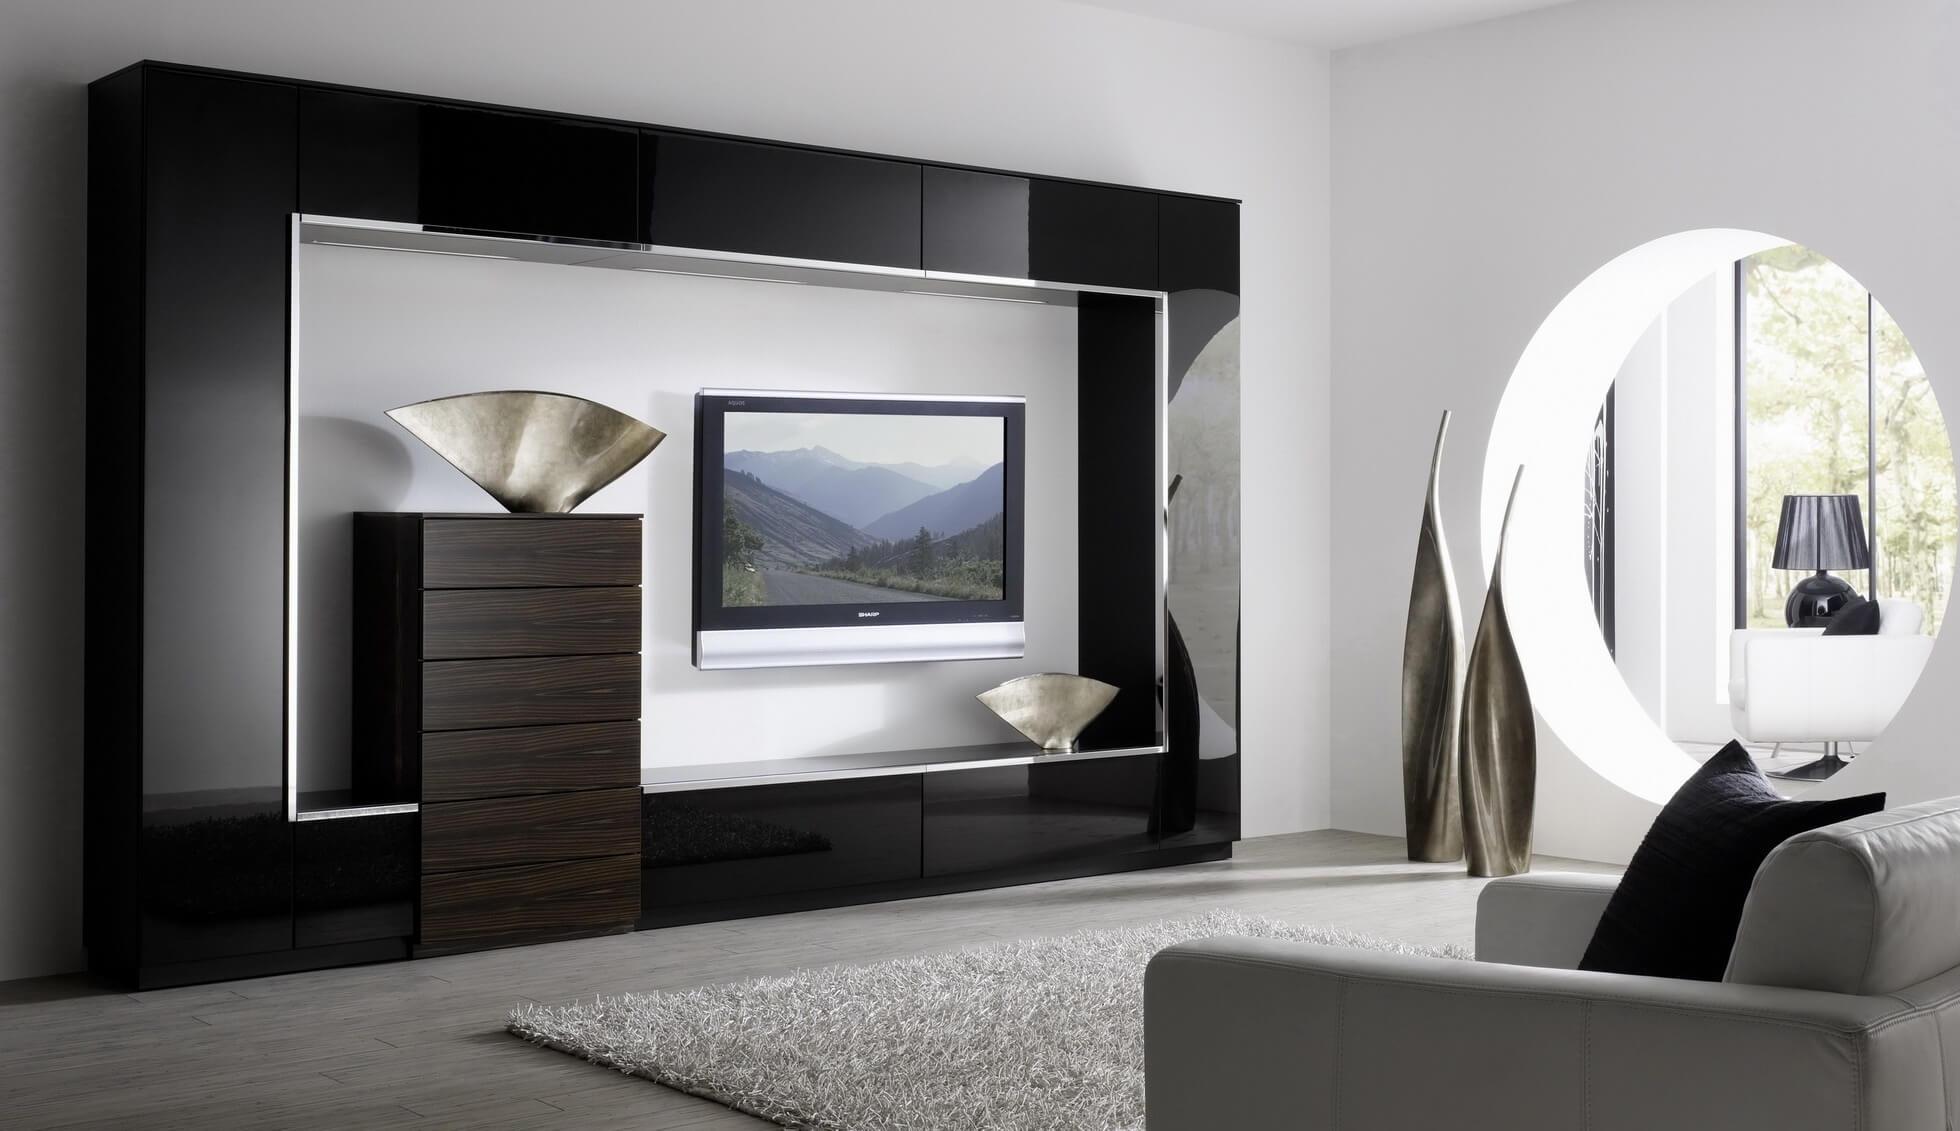 Выбираем направление дизайна для комнаты